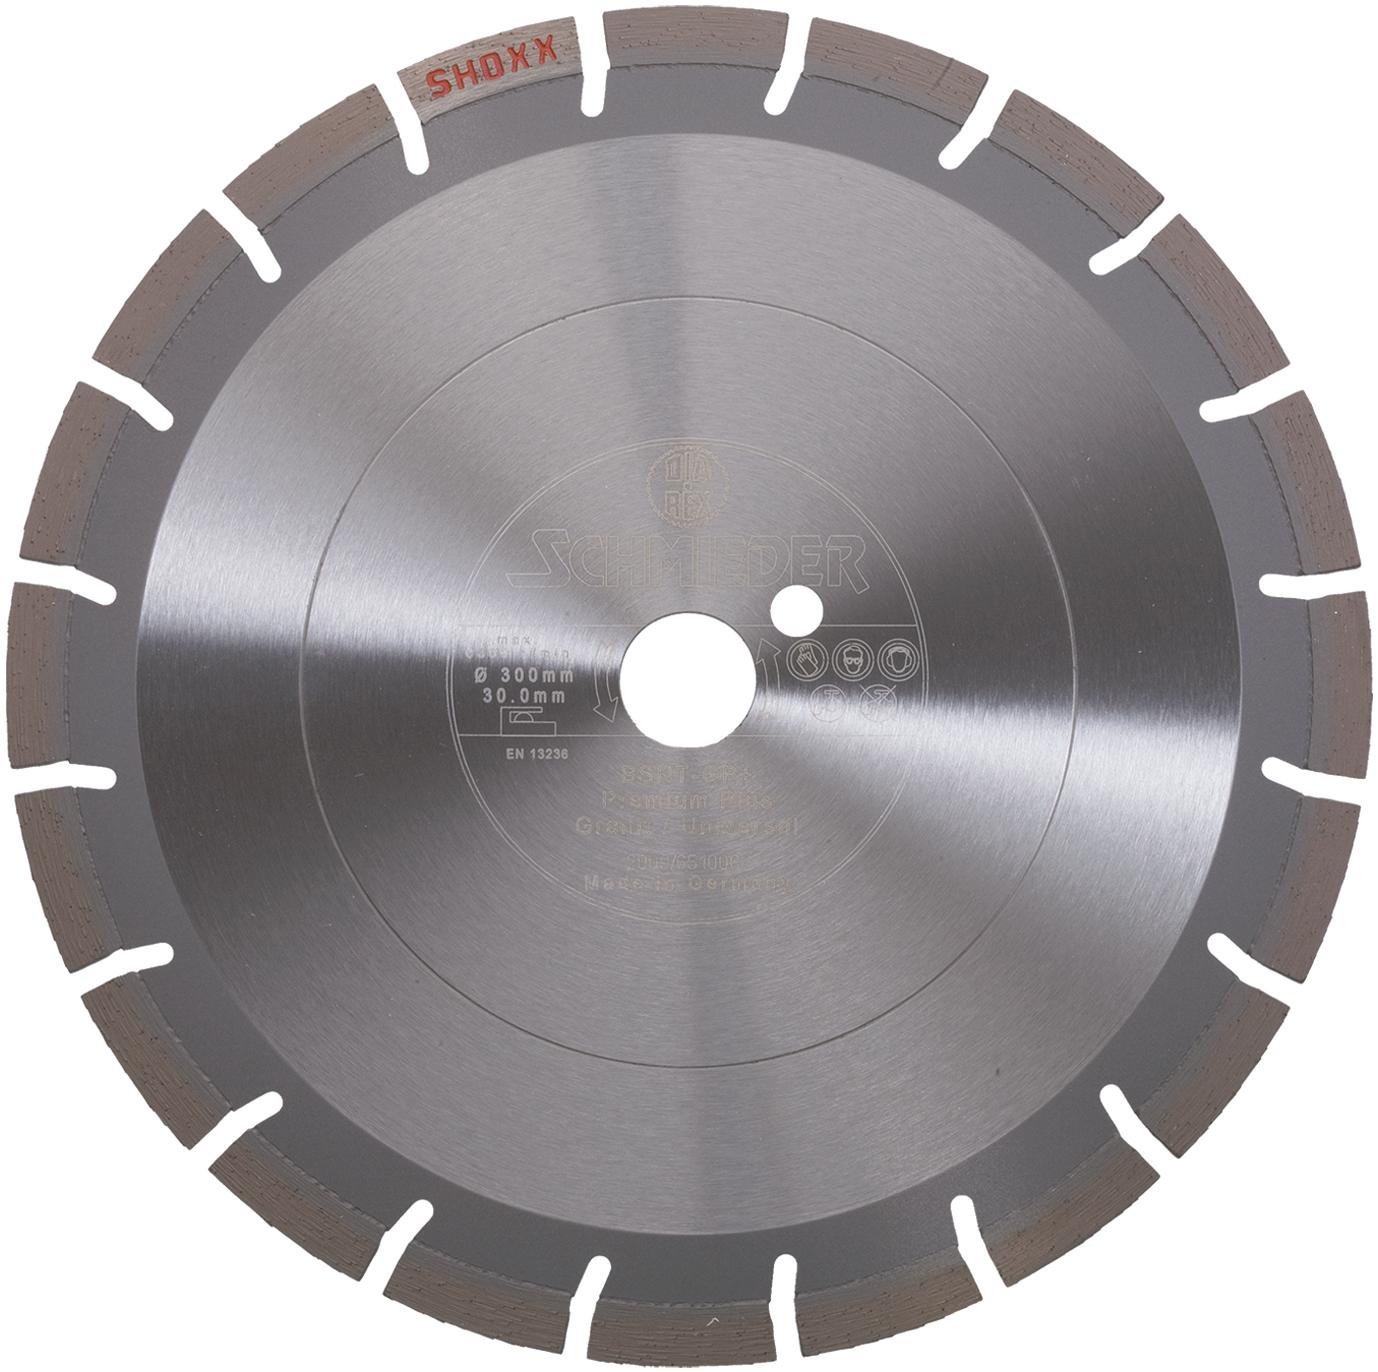 DIAREX Trennscheibe BSNT-GP+ ø 300 mm | Bohrung 30 mm